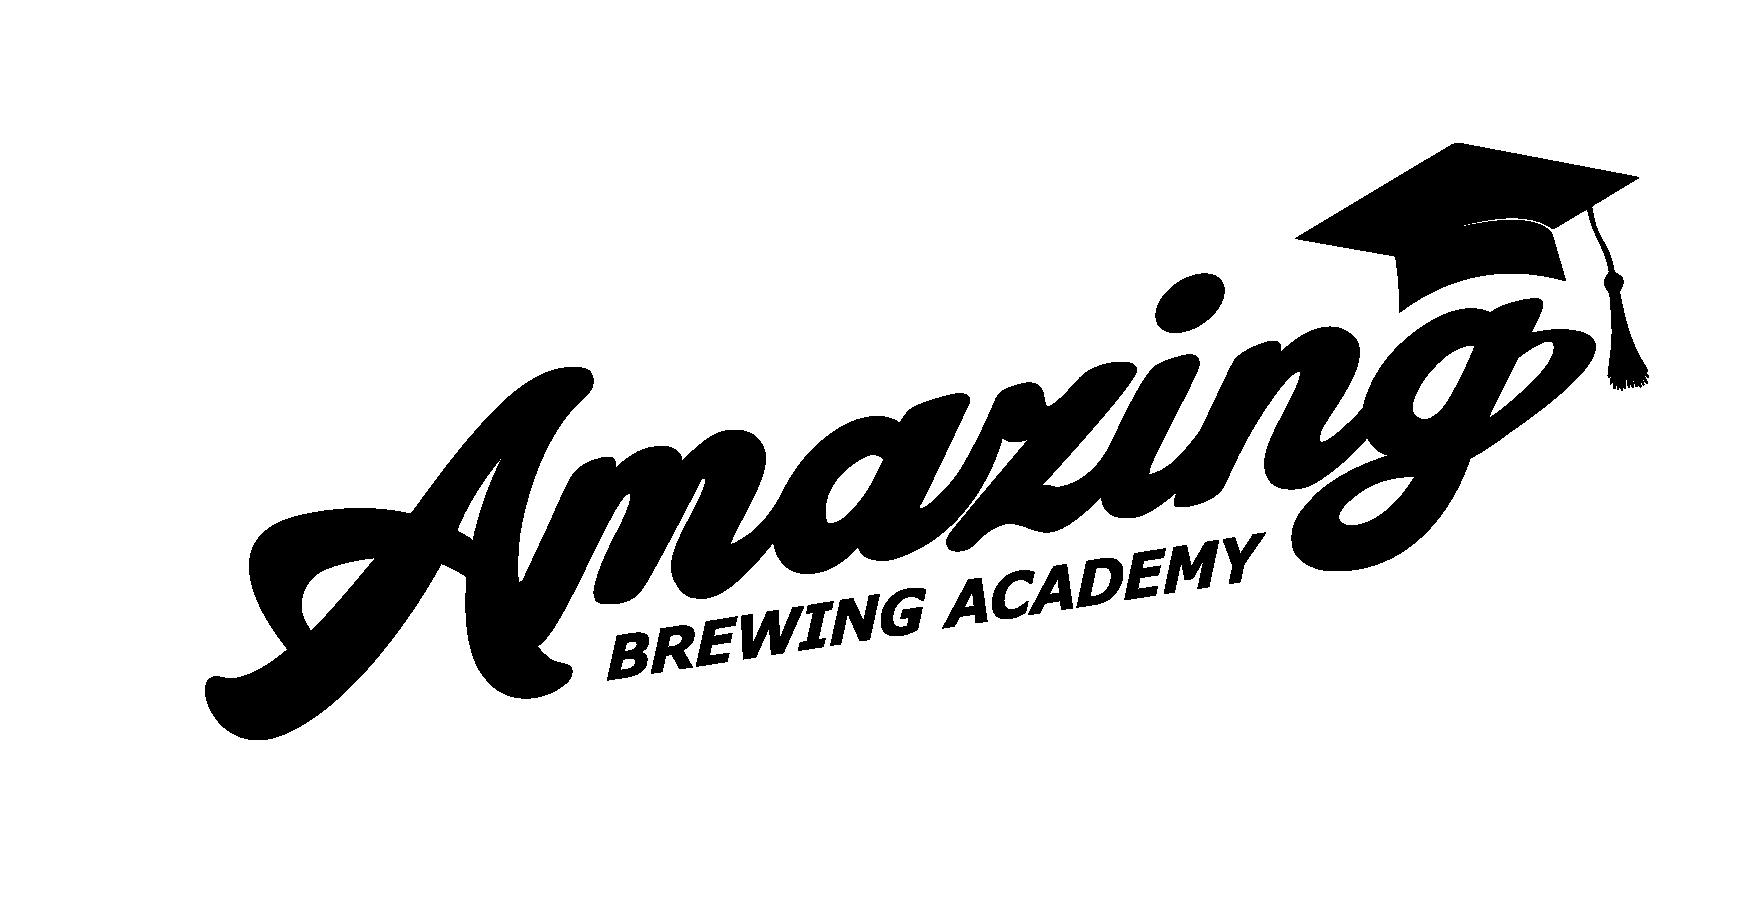 어메이징브루잉 강사